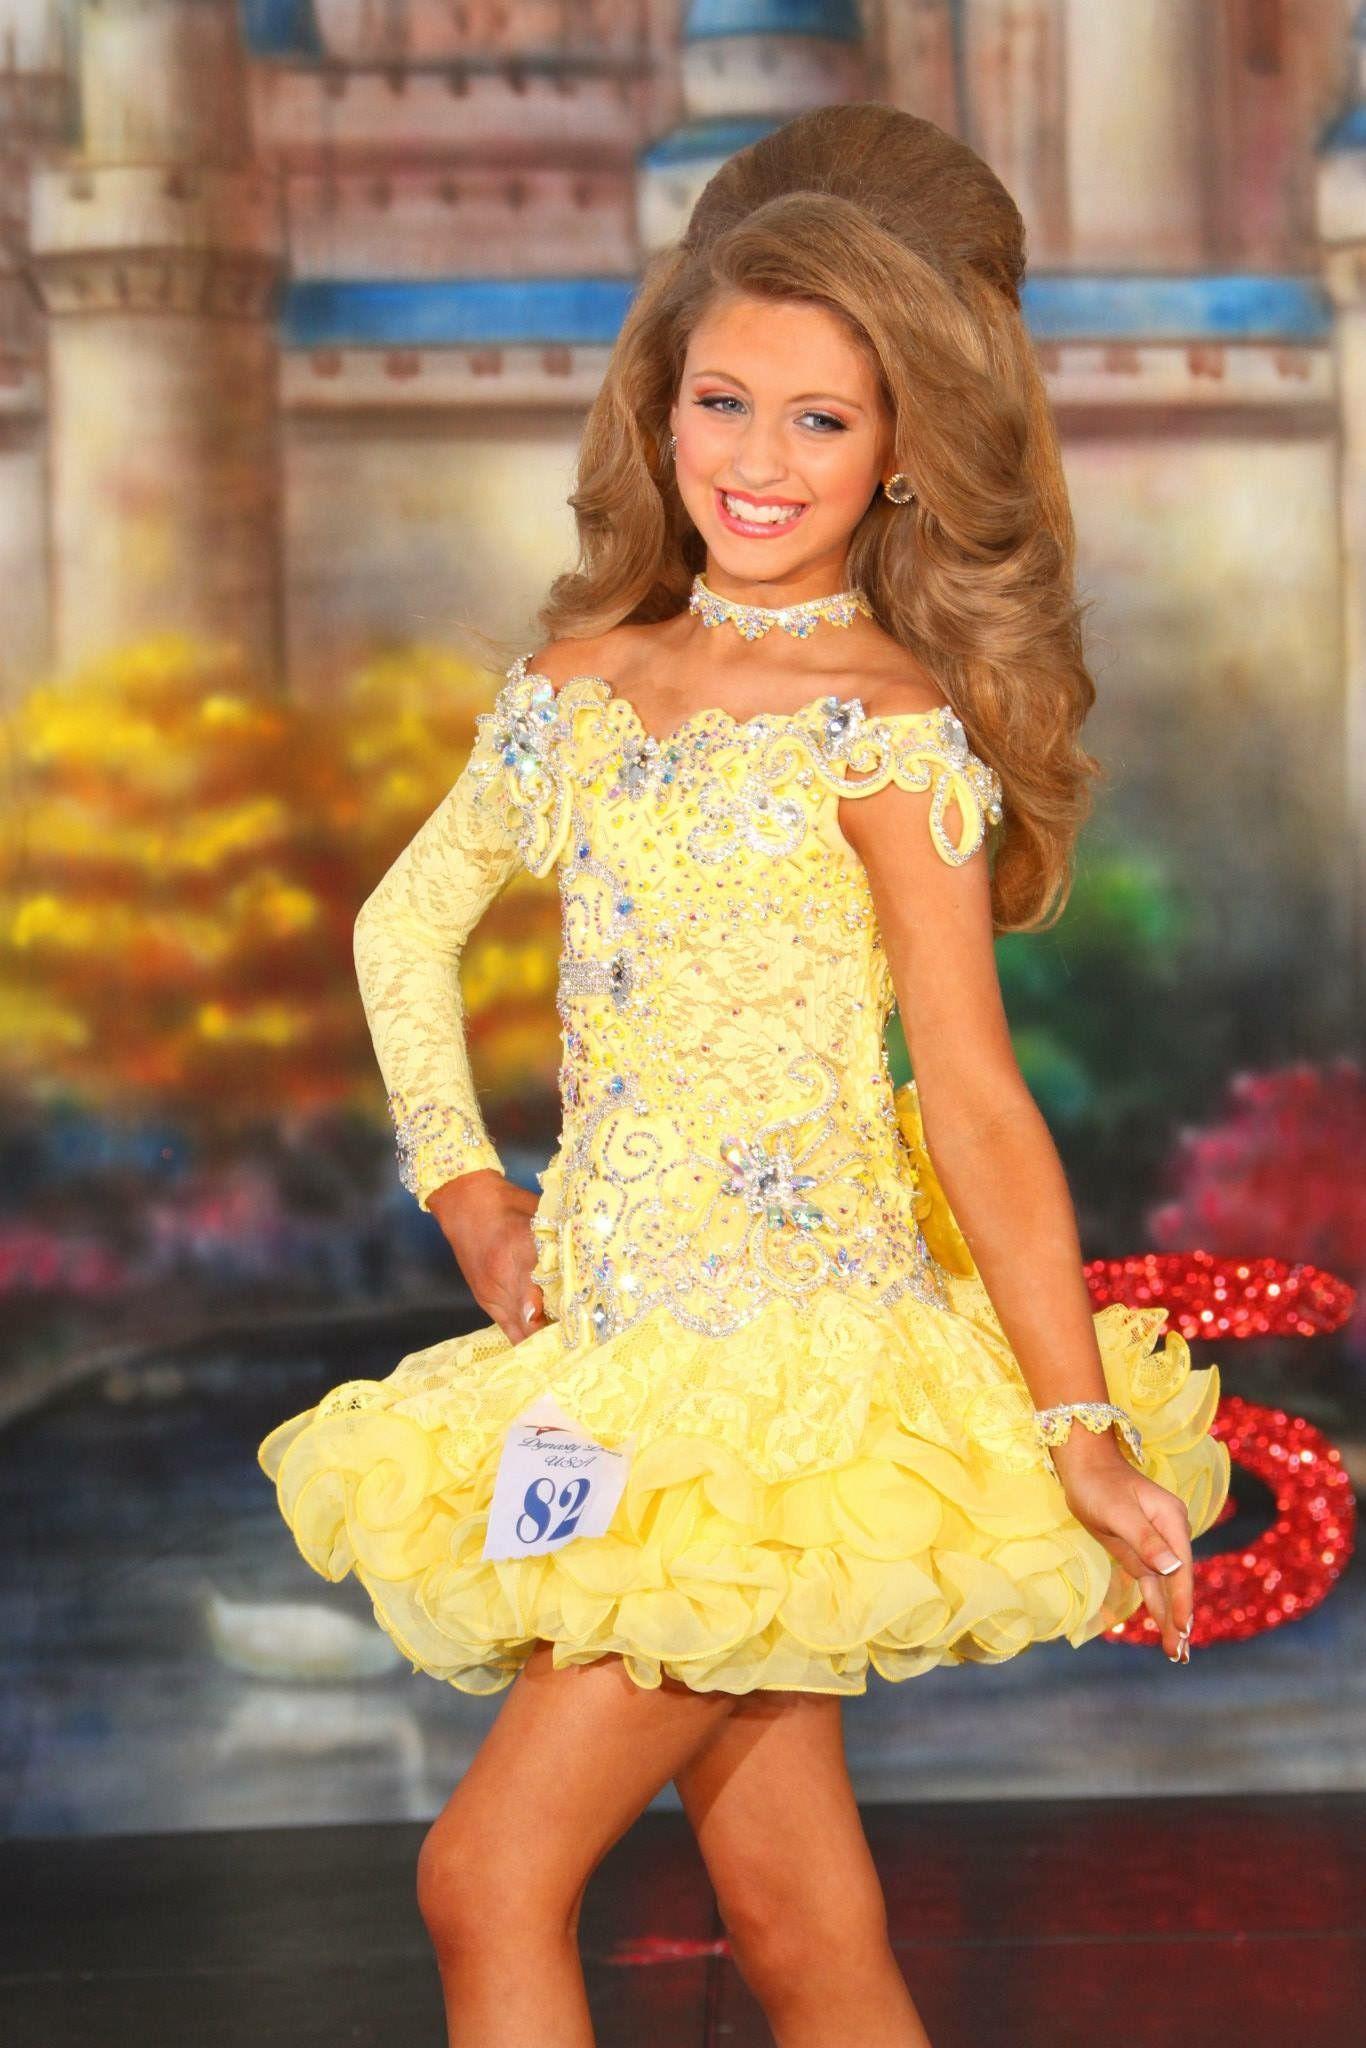 pin by rhonda perez on sarai's pageant stuff | beauty